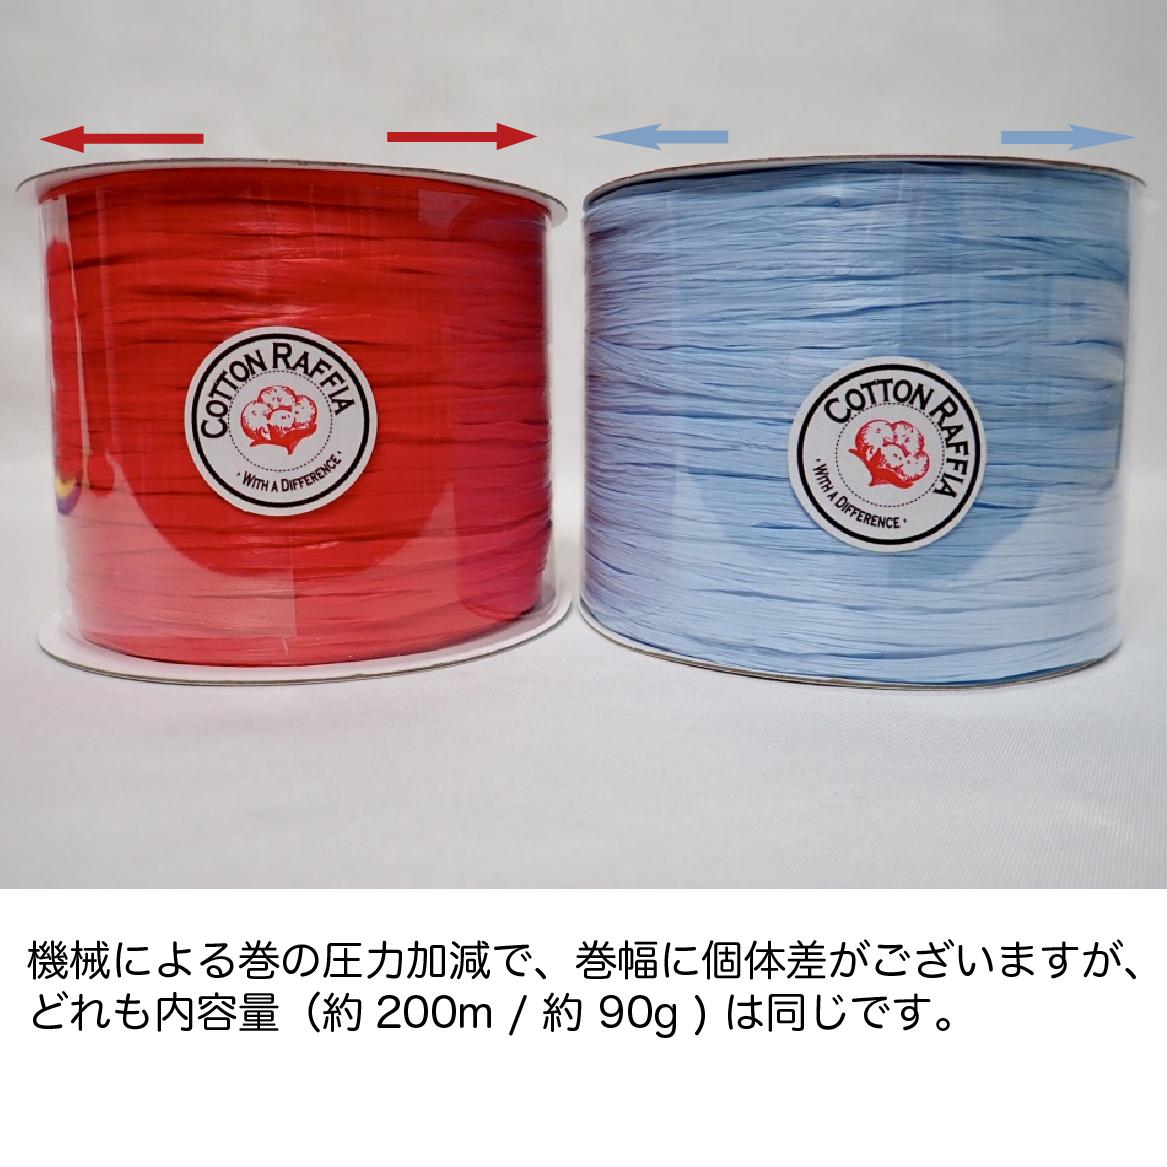 バーキン風バッグ(マスタード)キット <ラフィア糸とおしゃれなオリジナルパーツつきバッグキット>